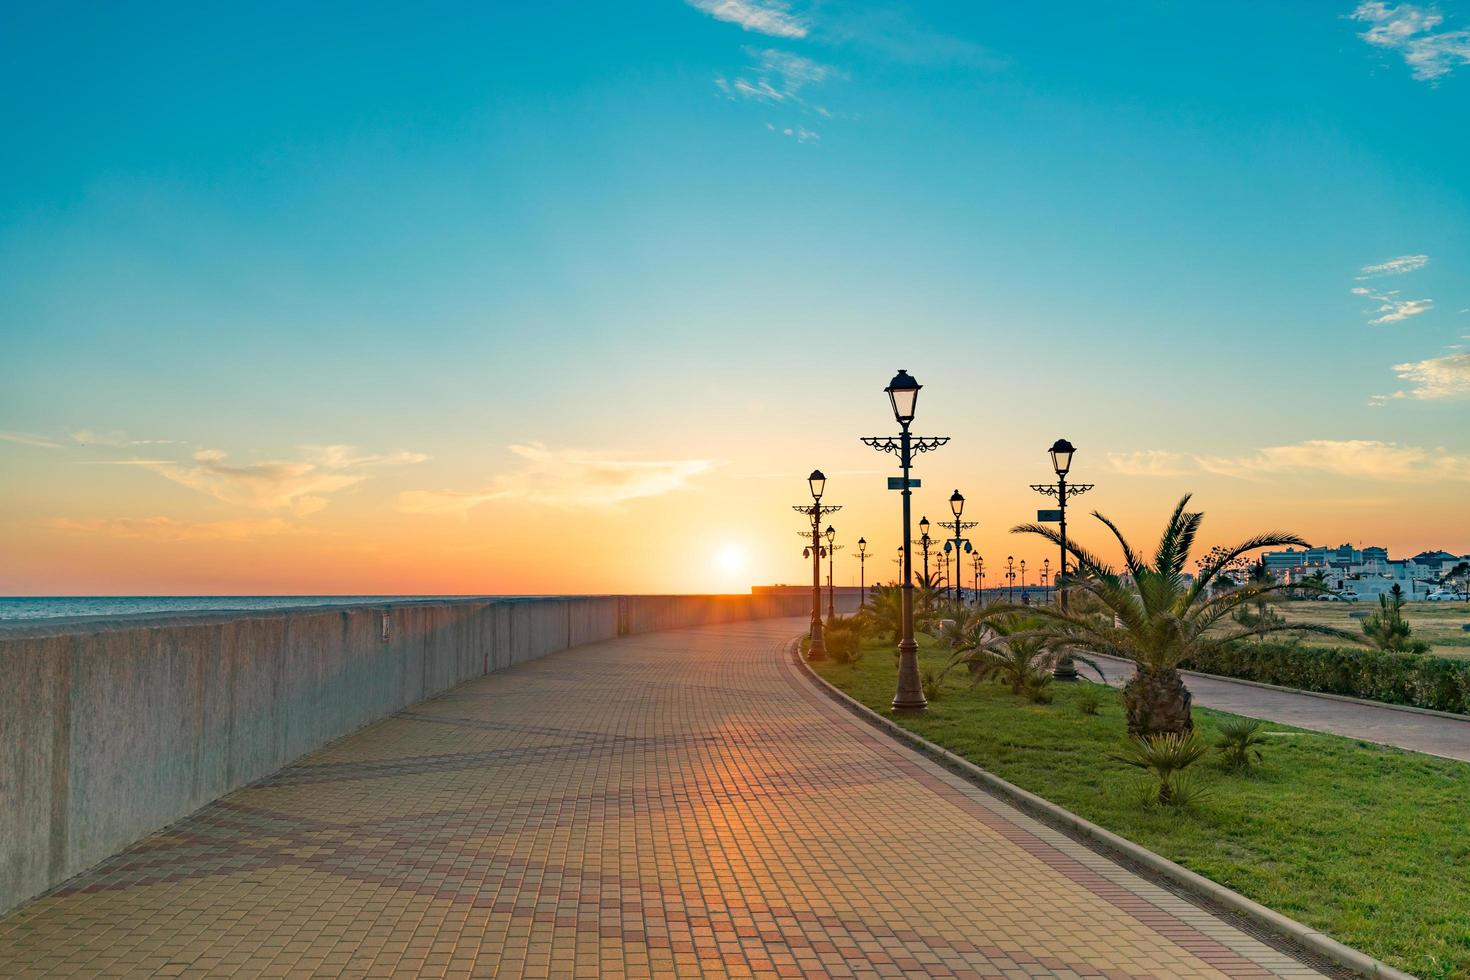 stadsgezicht met uitzicht op de zonsondergang over de waterkant. sochi, rusland. foto